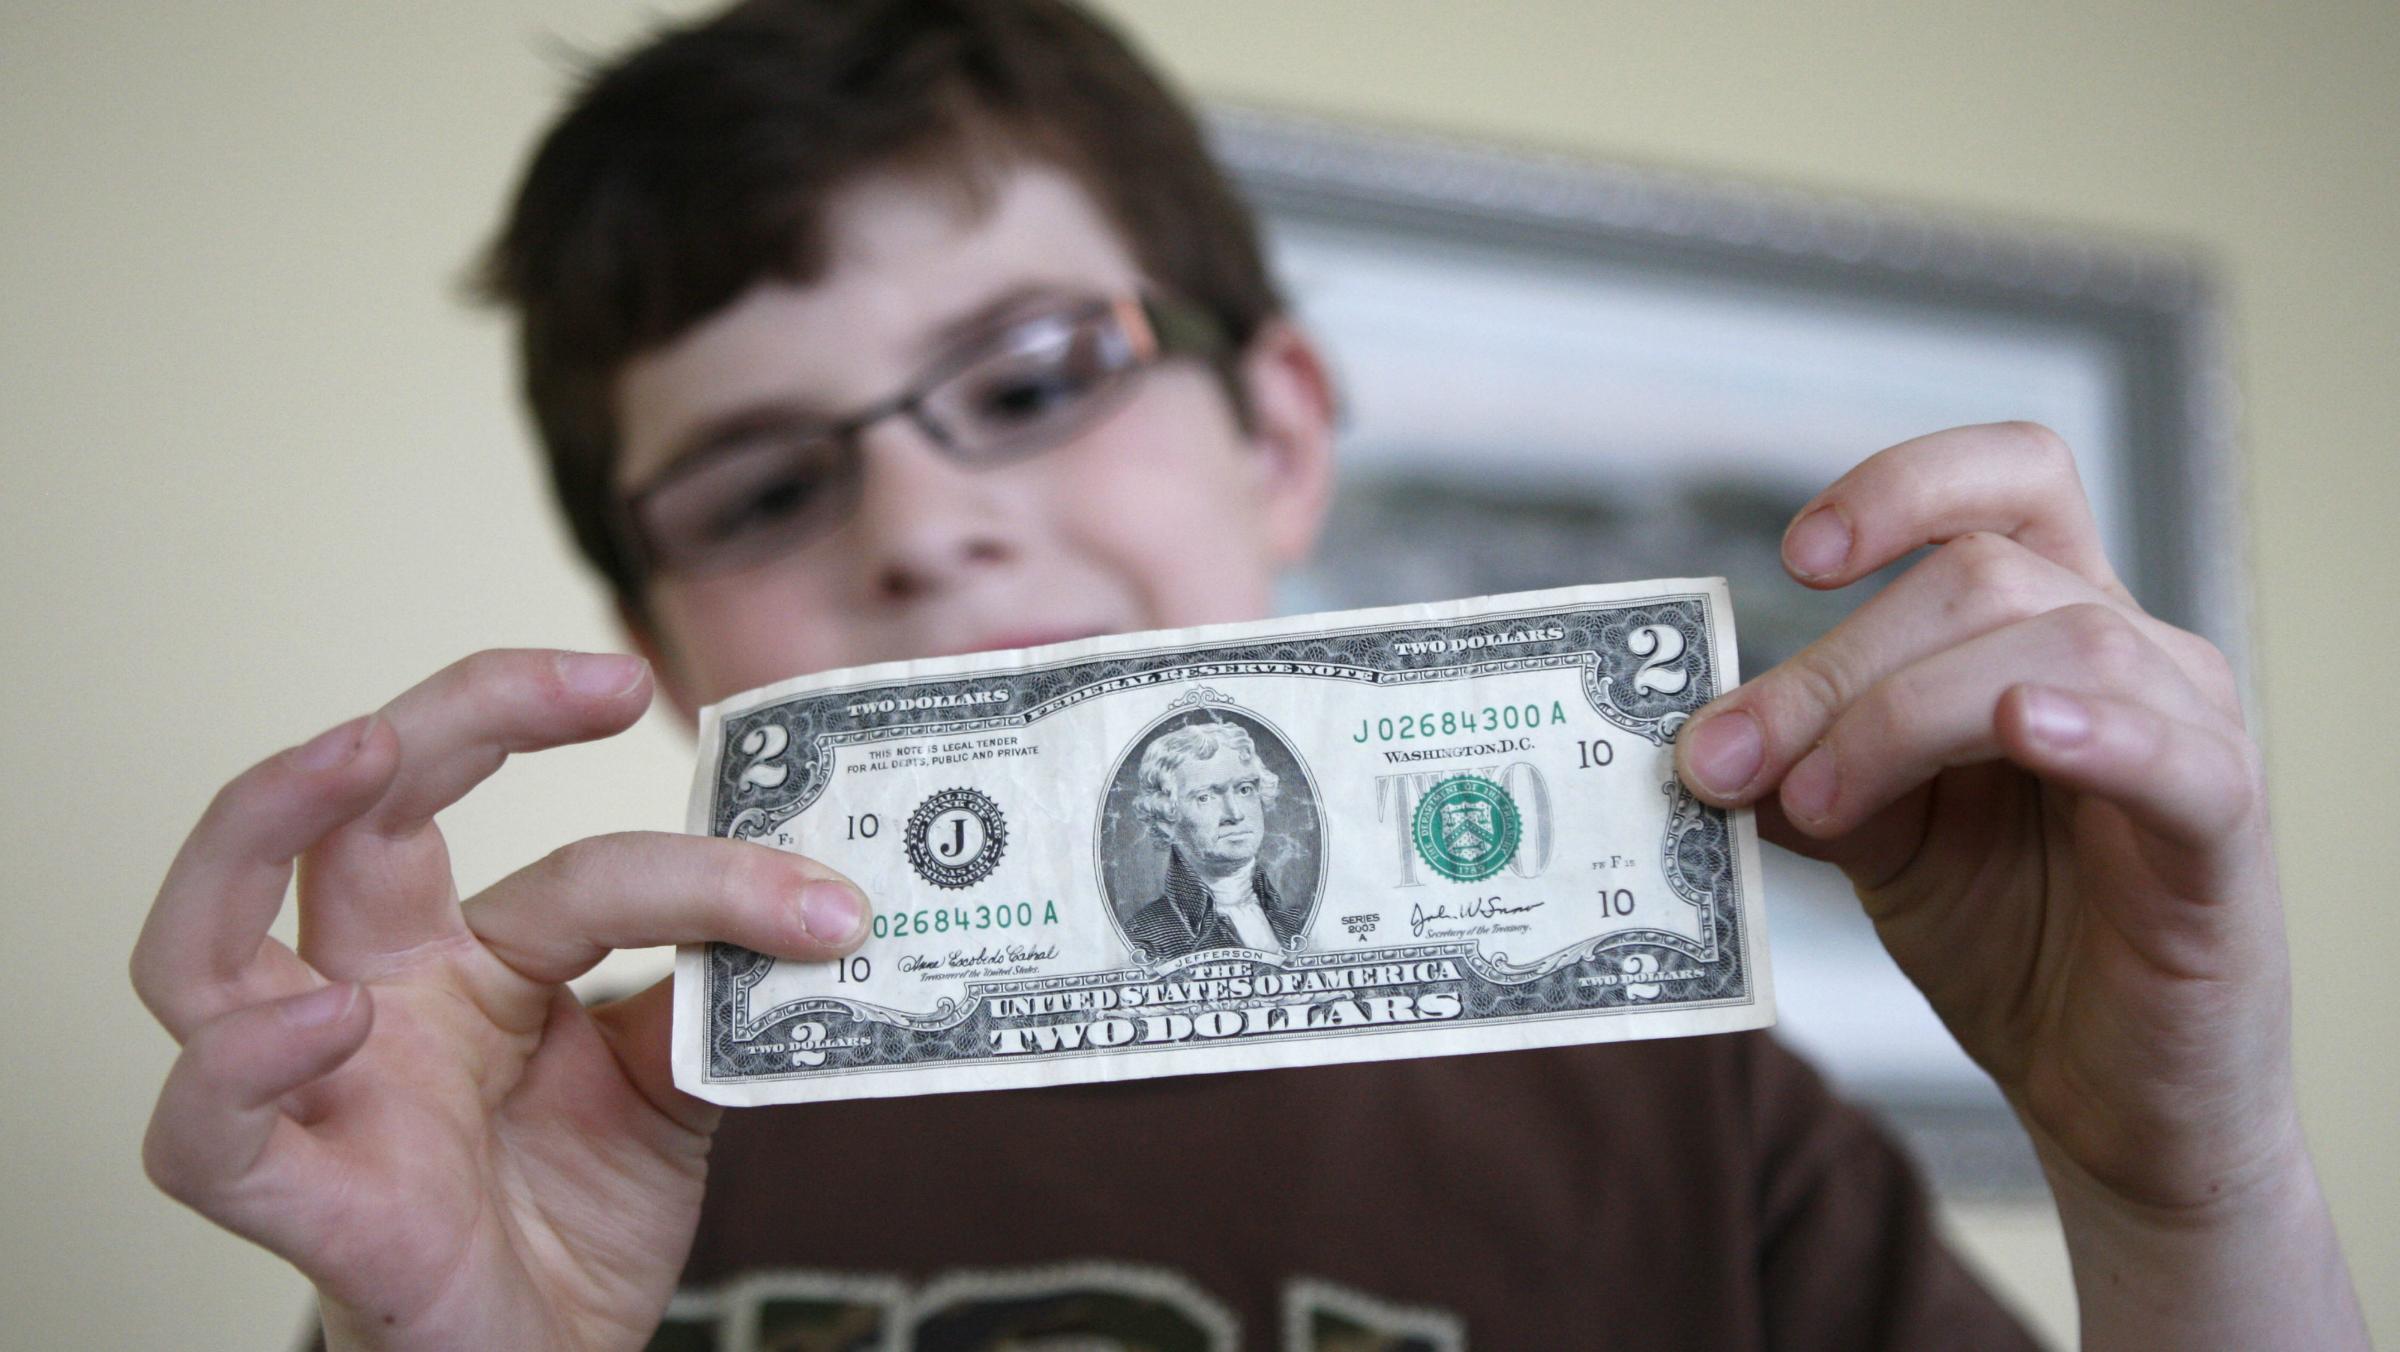 A boy holding a 2-dollar bill.